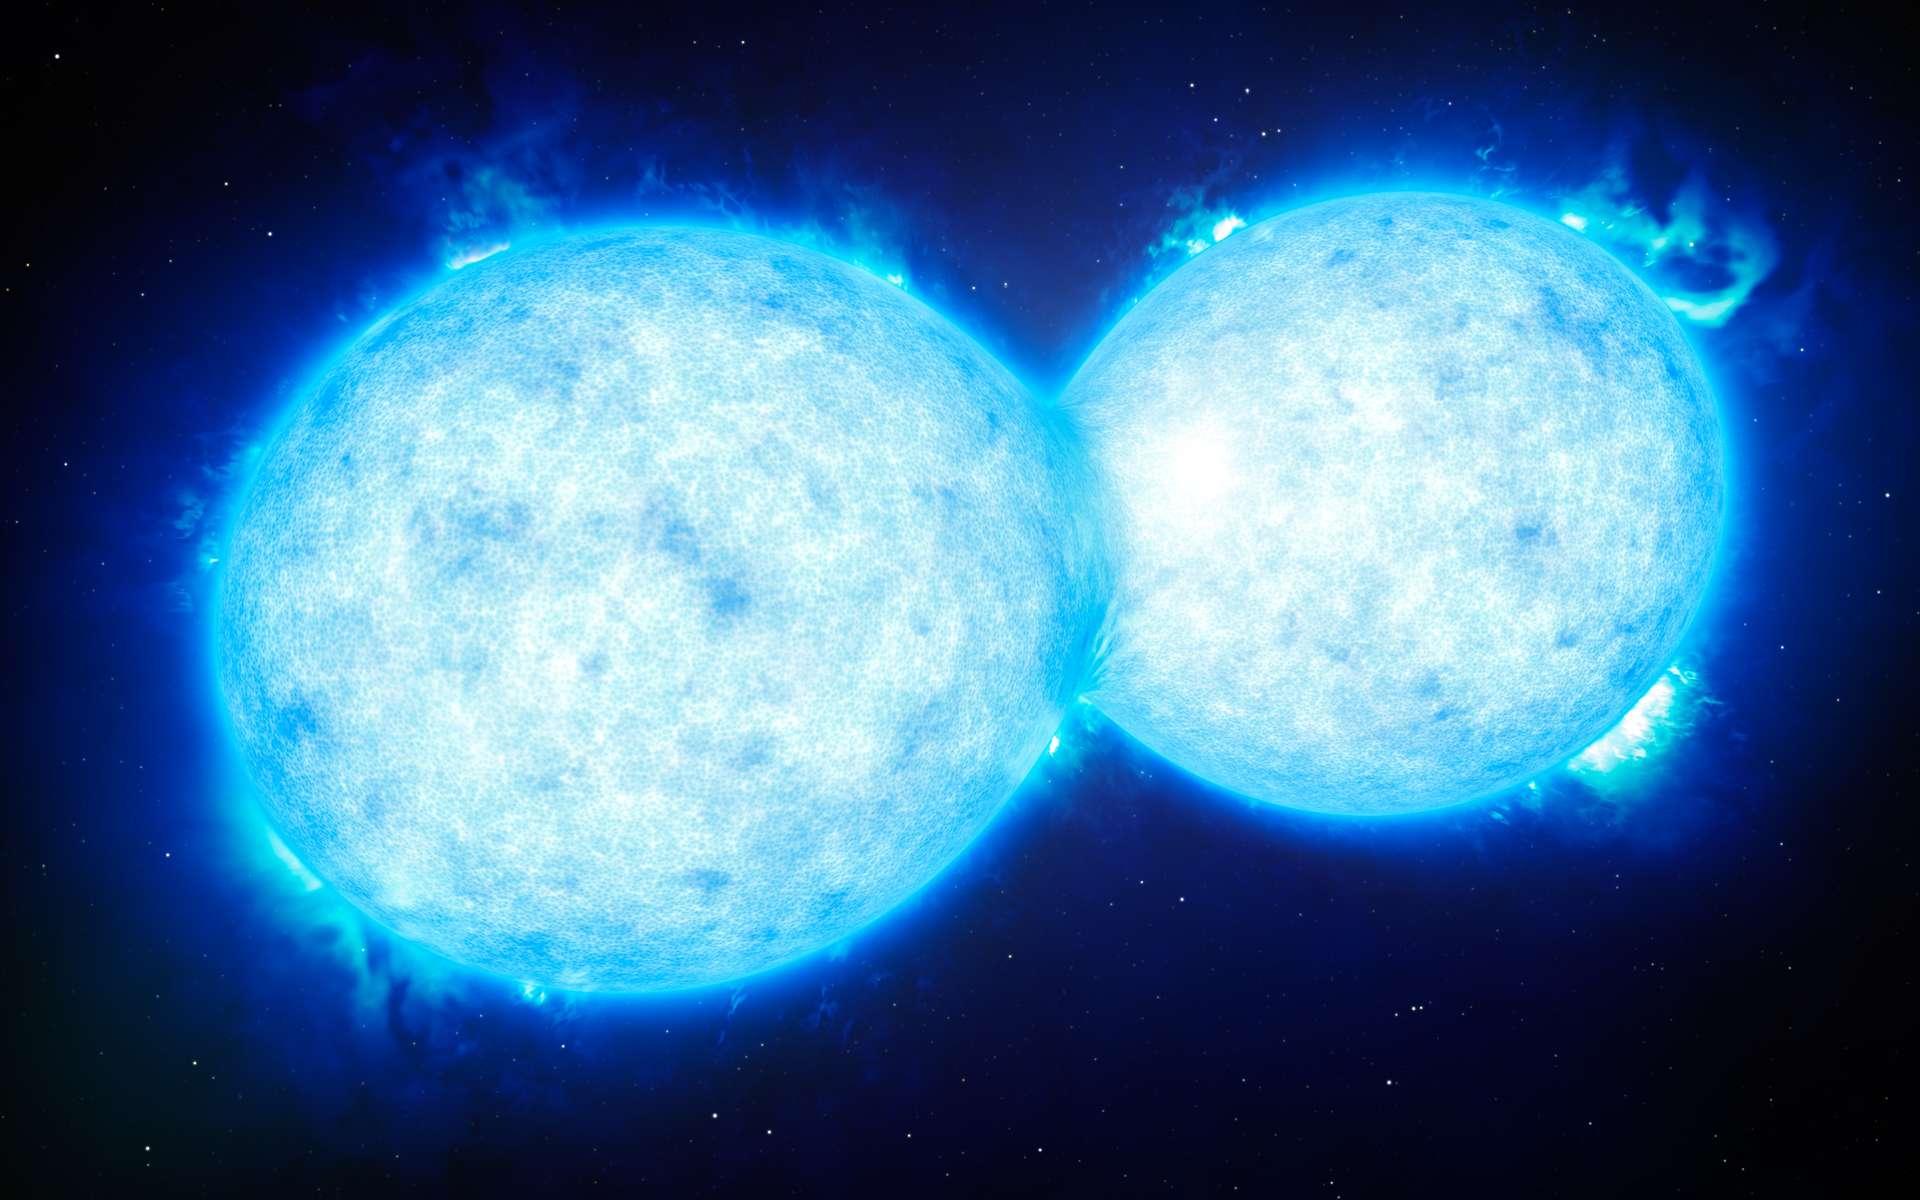 Cette vue d'artiste montre VFTS 532 – le système d'étoiles doubles le plus chaud et le plus massif connu à ce jour, dont les composantes, situées à grande proximité l'une de l'autre, partagent du contenu matériel. Les deux étoiles de ce système extrême se situent à quelque 160.000 années-lumière de la Terre dans le Grand Nuage de Magellan. Cet étrange système s'achemine certainement vers une fin dramatique : la formation d'une unique étoile géante ou d'un futur trou noir binaire. © ESO/L. Calçada